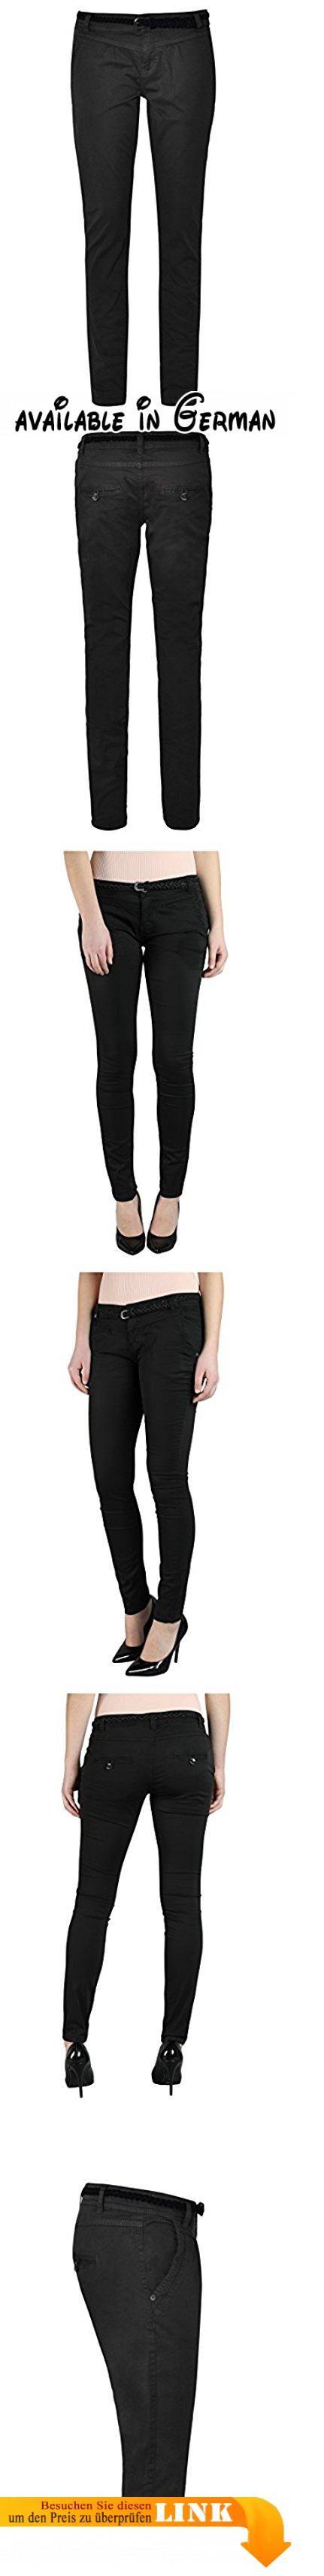 Urban Surface Damen Chino-Hose I Elegante Stoffhose mit Flecht-Gürtel aus bequemer Baumwolle black1 S. STYLE: Im angesagten Chino Style ist diese Hose super bequem zu tragen und sieht einfach elegant aus. Den schicken Flechtgürtel gibt's gratis dazu ✔. LOOK: Zu einer einfarbigen Chino-Hose fällt die Oberteil-Wahl recht einfach. Hier passen verzierte Blusen, genauso gut wie Strickpullover oder Print Shirts.. TRAGEGEFÜHL: Das Material ist recht dünn und locker, sodass